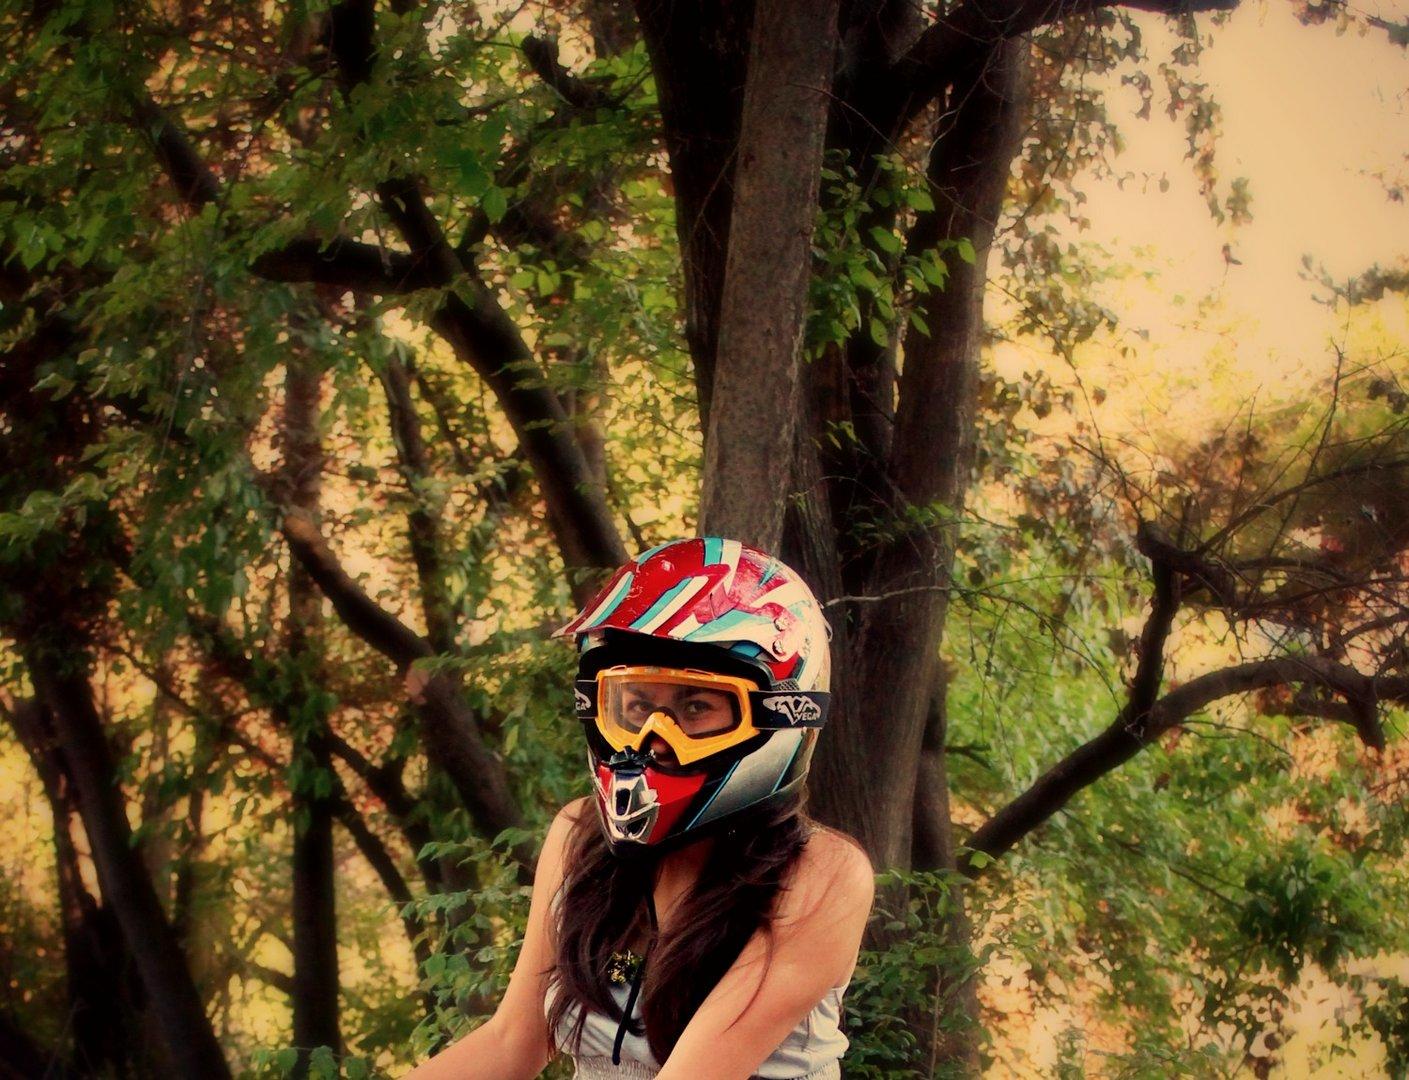 Downhill femenino.